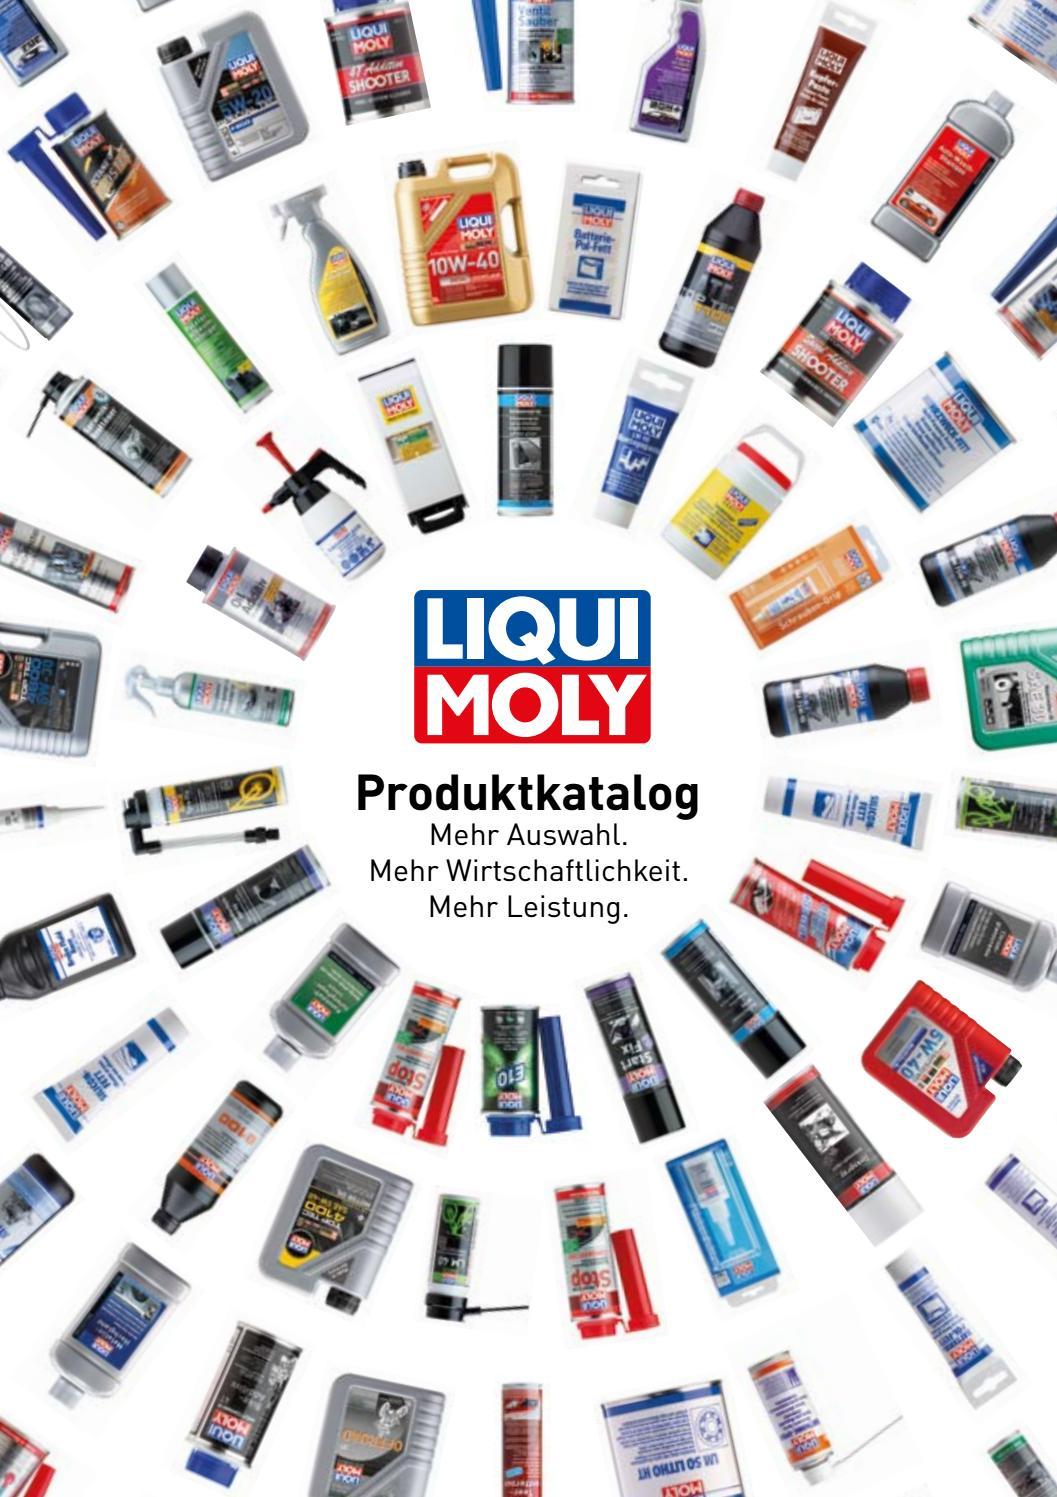 60/St/ück Etiketten Dichtungen gl/änzend Aufkleber/ rund 150/St/ück 38/mm /Transparent